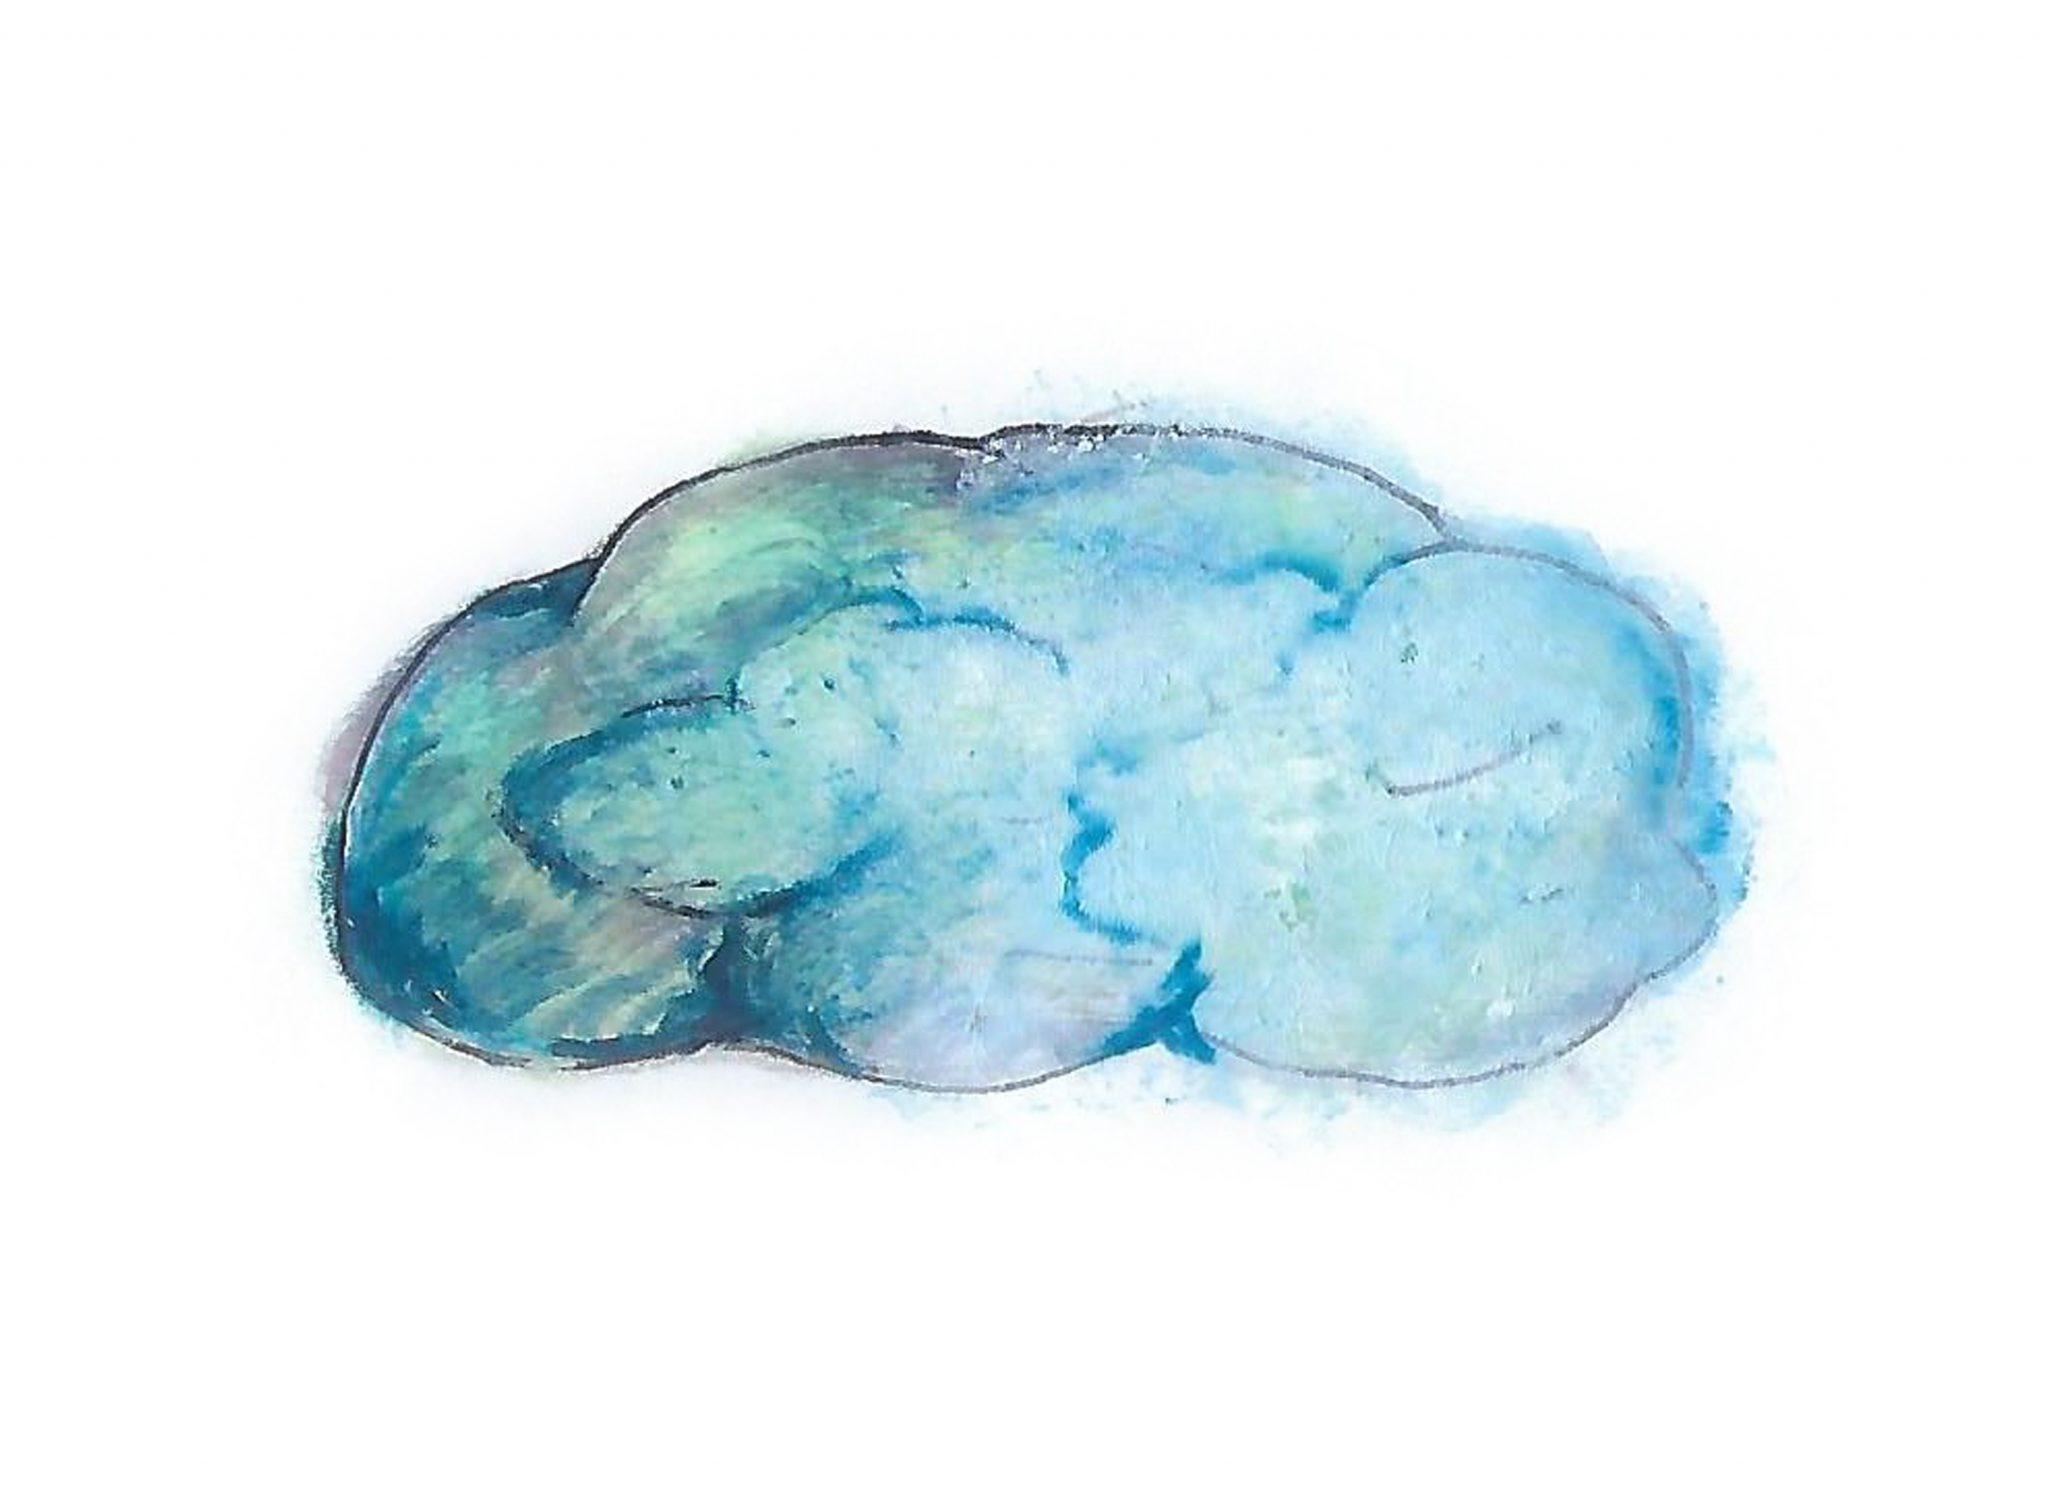 Облако — Thecloud